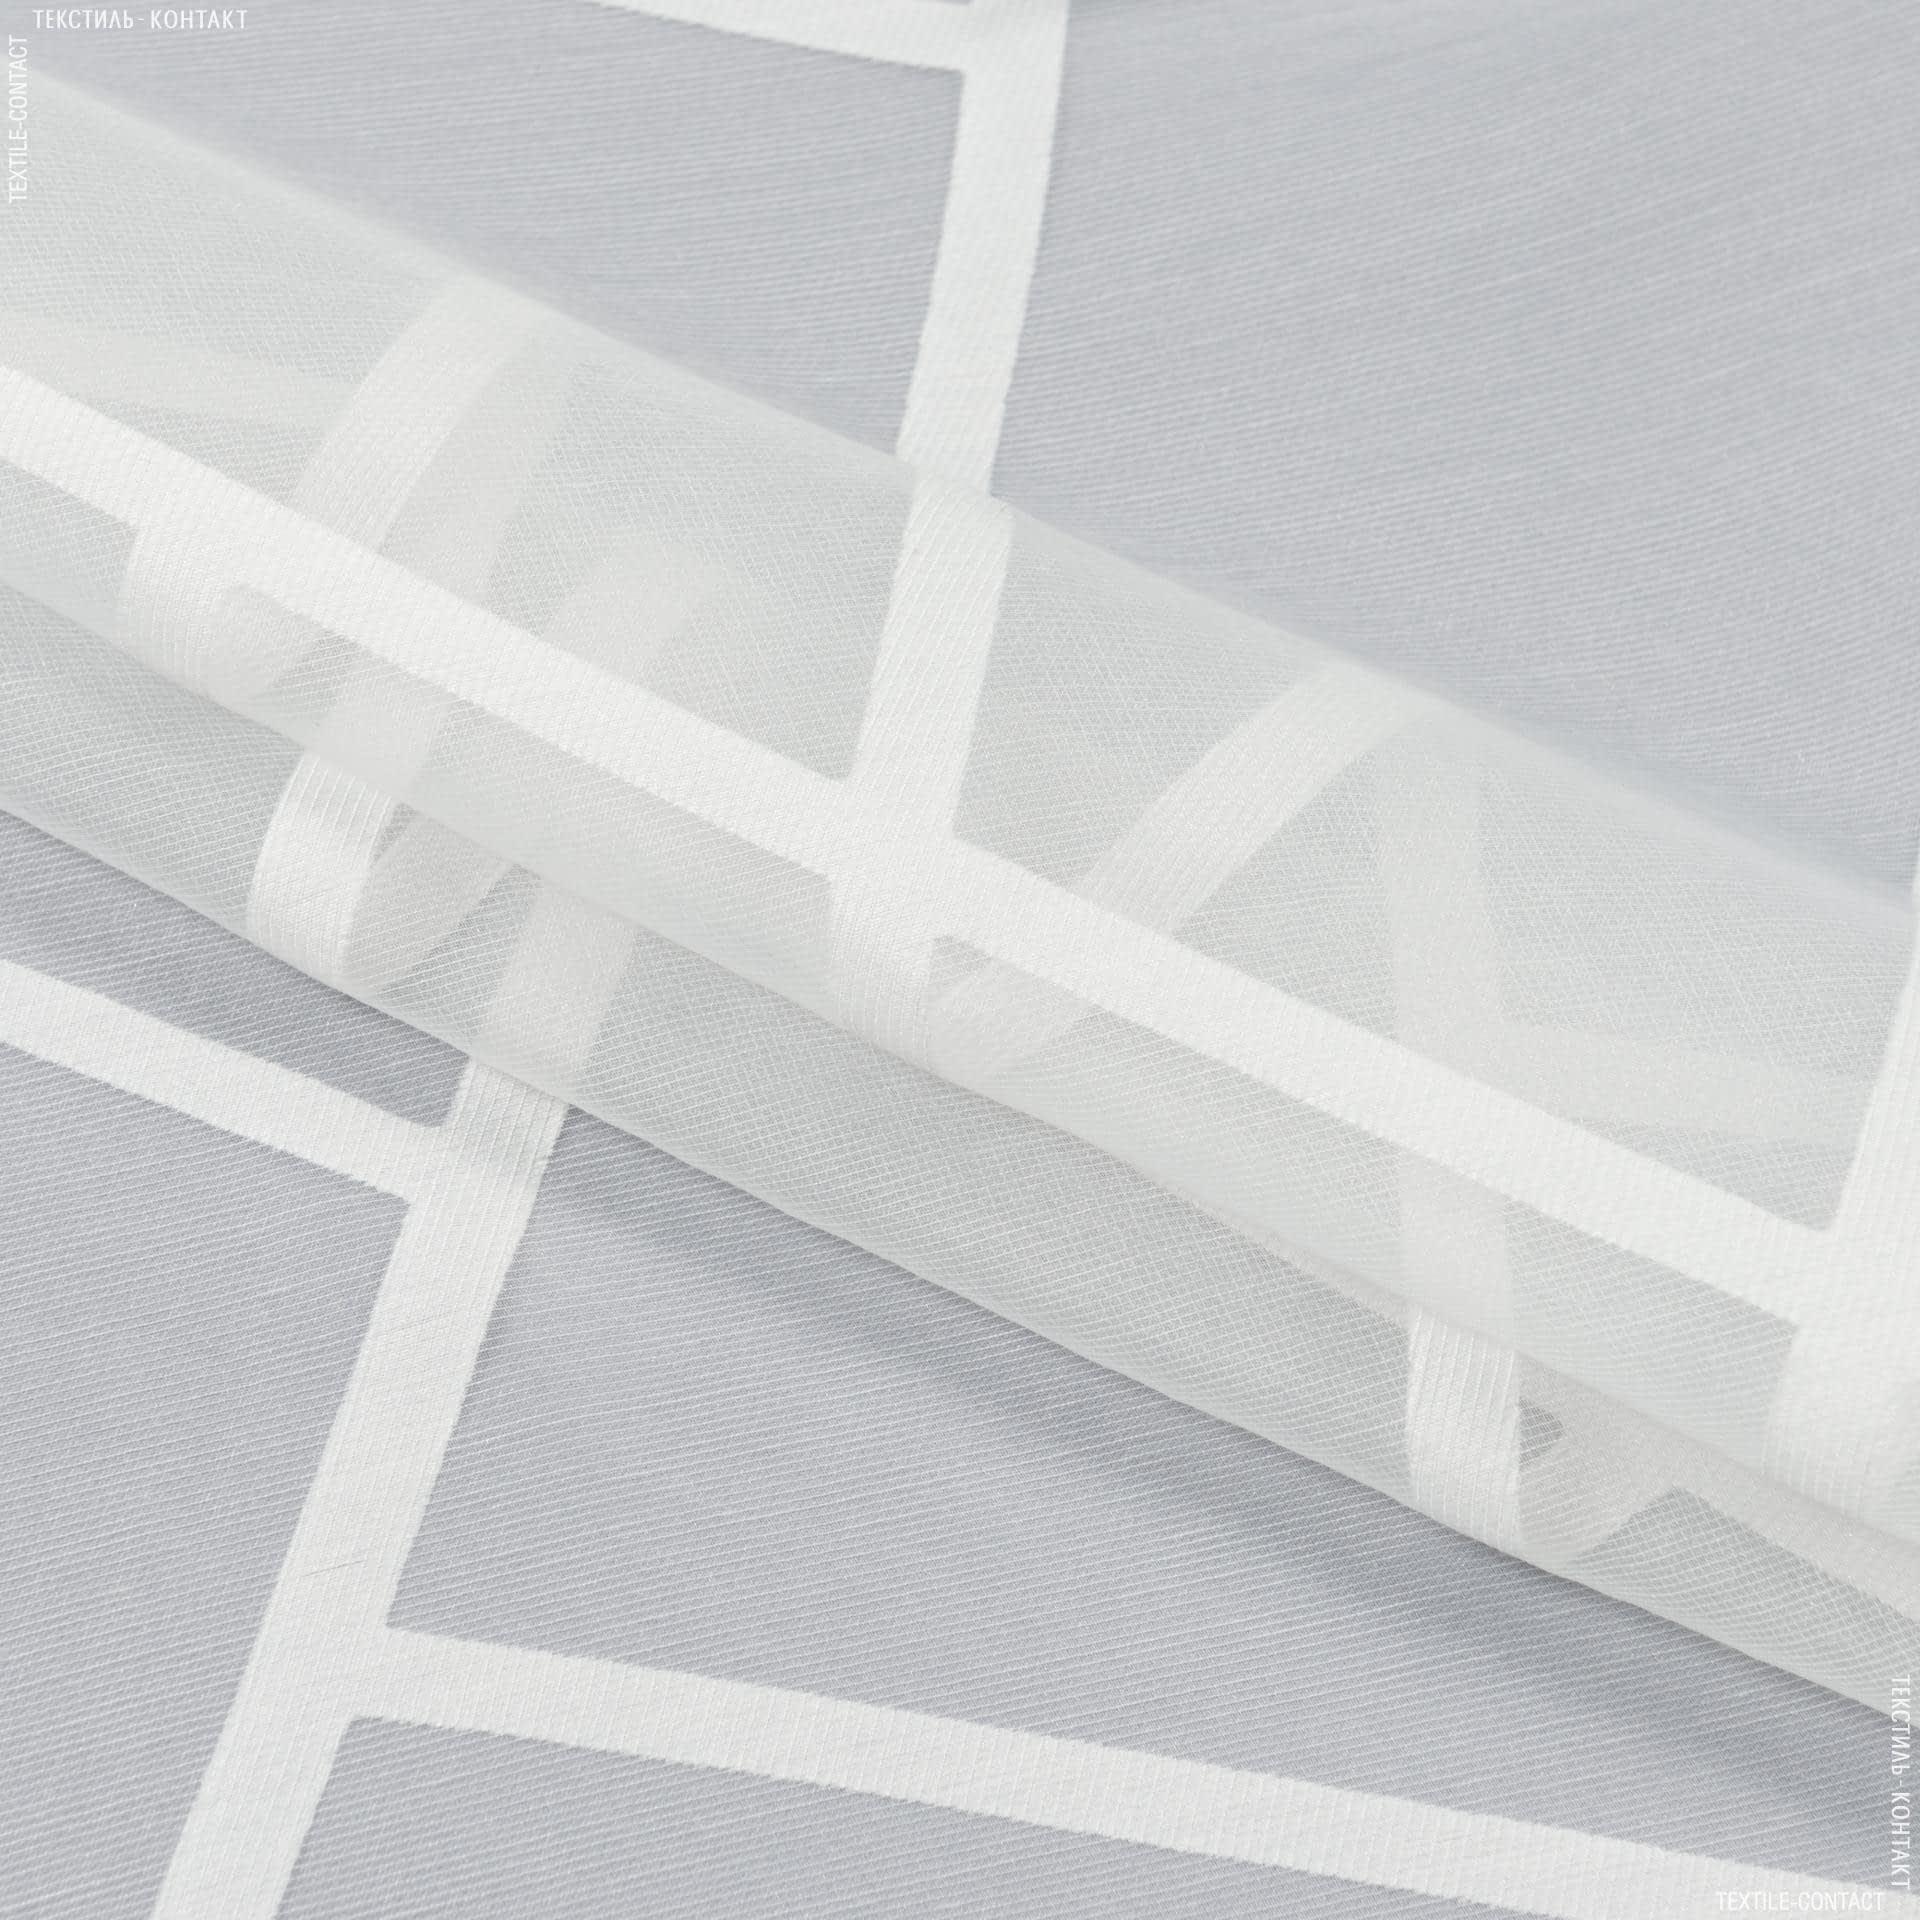 Ткани для тюли - Тюль органза-лайт с утяжелителем  ДИЛАРА/  крем